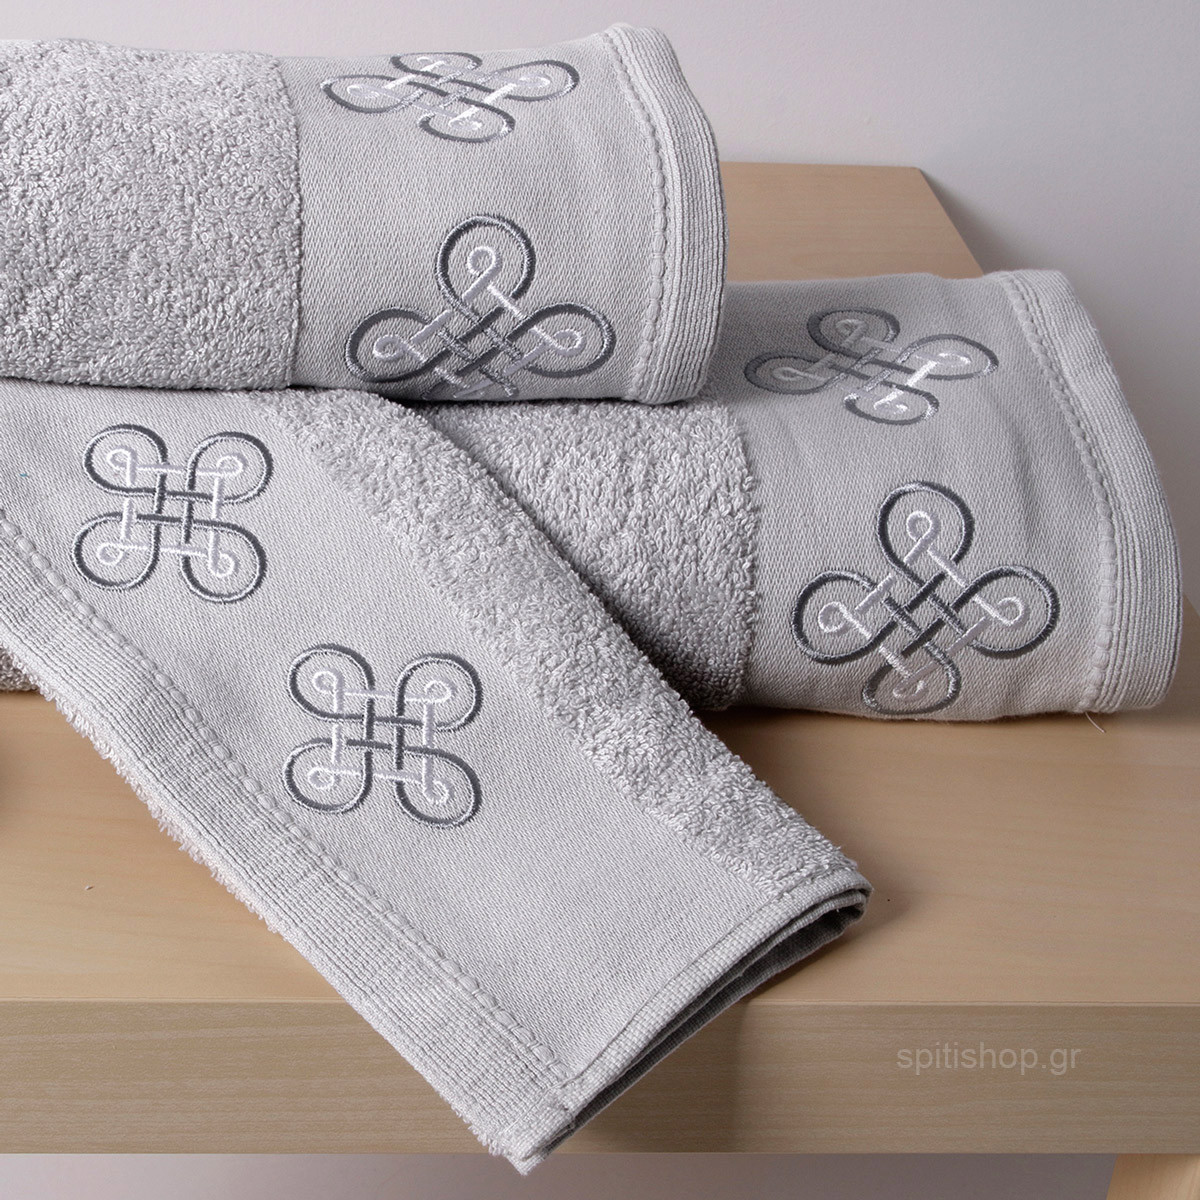 Πετσέτες Μπάνιου (Σετ 3τμχ) Sb Home Cross Siver